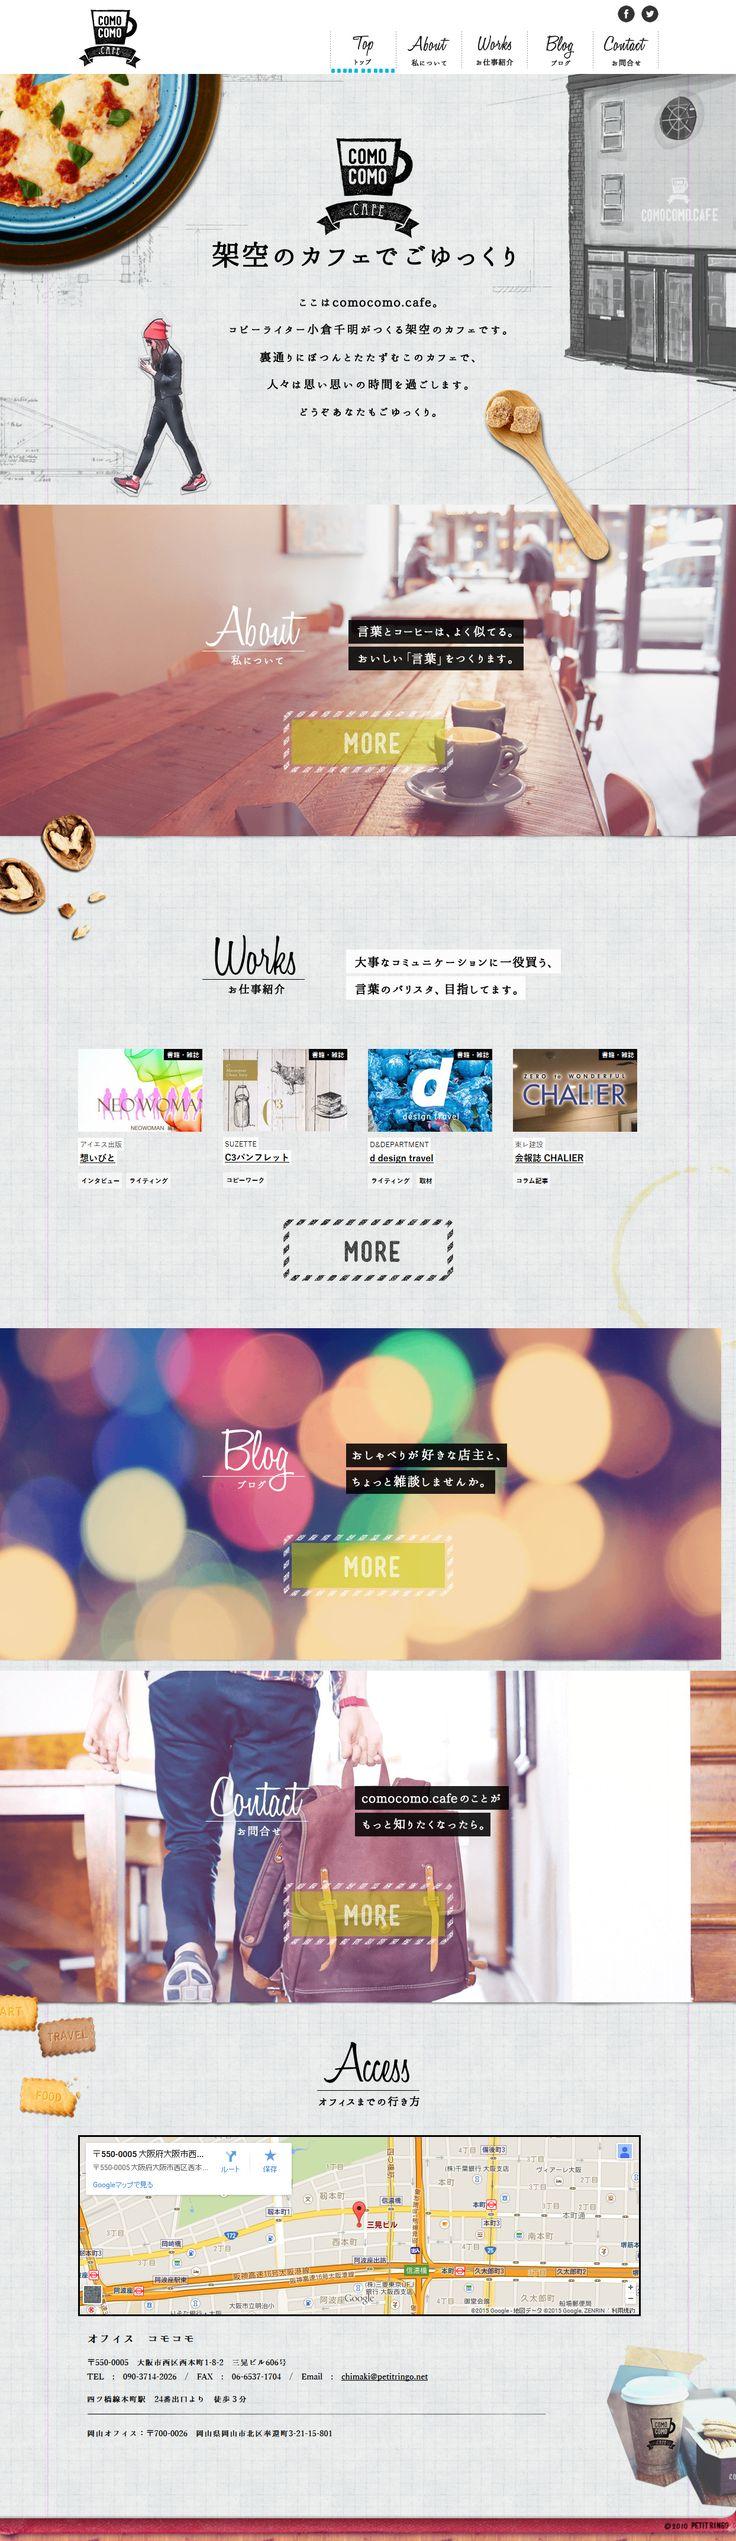 Como Como. The casual cafe. (More design inspiration at www.aldenchong.com)